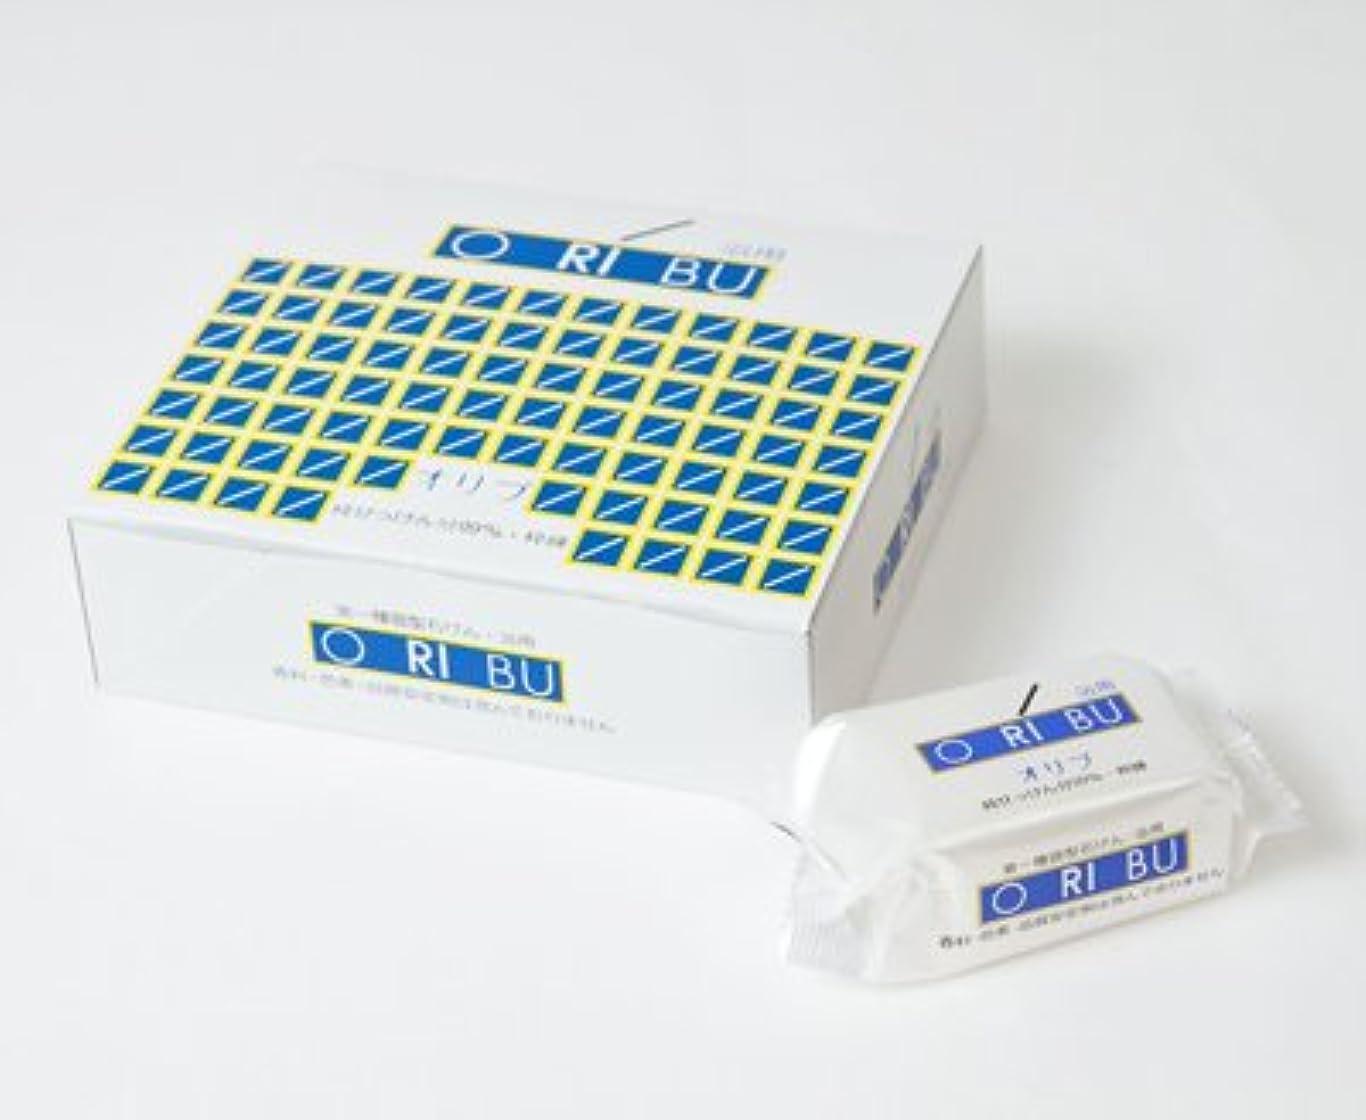 煙突全滅させる失速暁石鹸 ORIBU オリブ浴用石けん 1箱 (110g×10個入) 泡立てネット付き